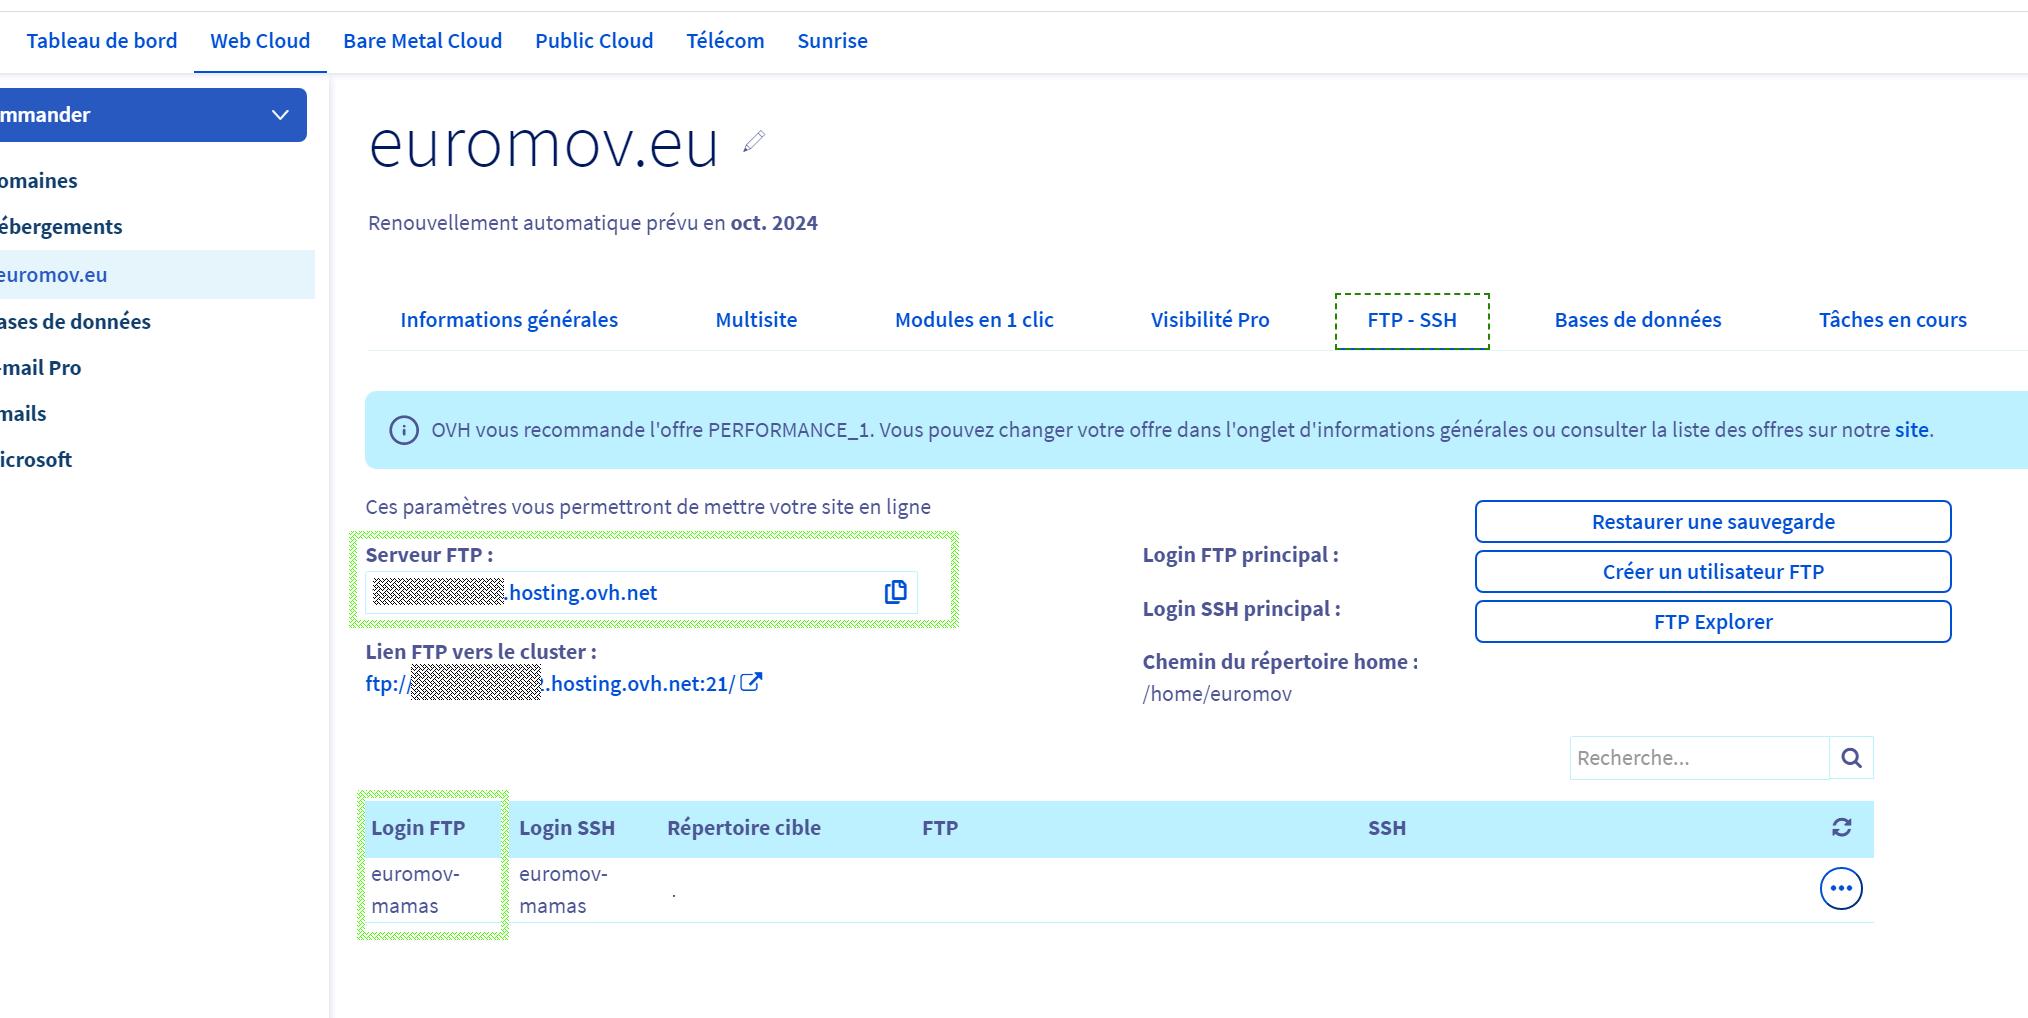 Console d'administration d'euromov.eu avec informations sur les réglages du serveur FTP